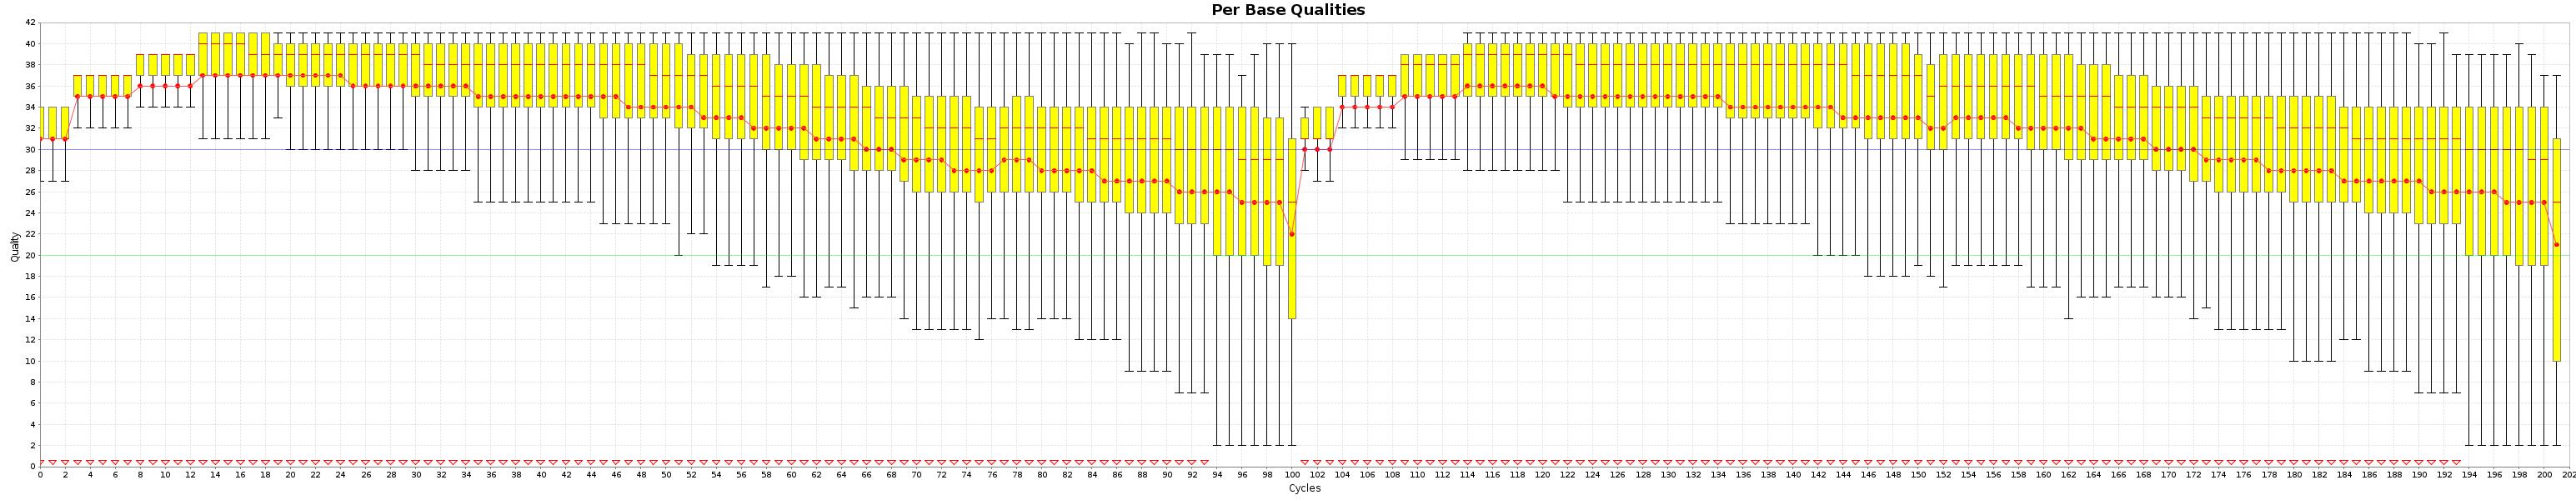 Quality box plots